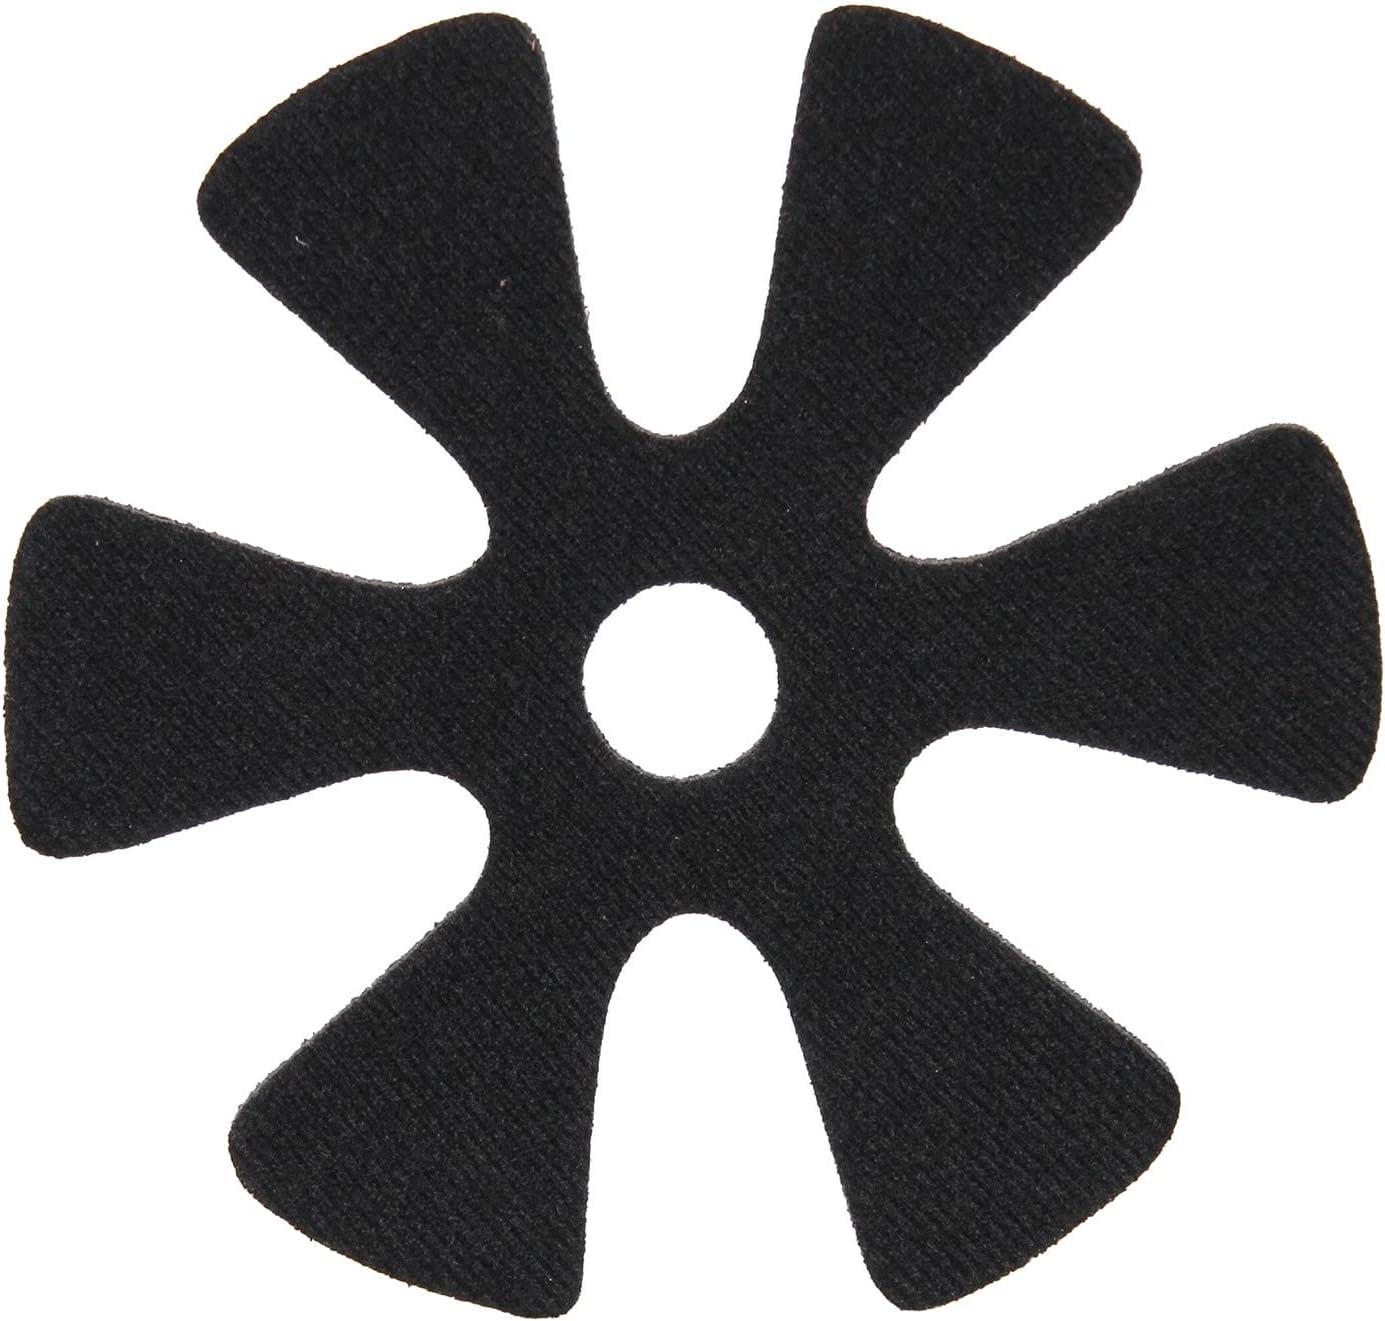 S1/Lifer Helm Terry Liner Black